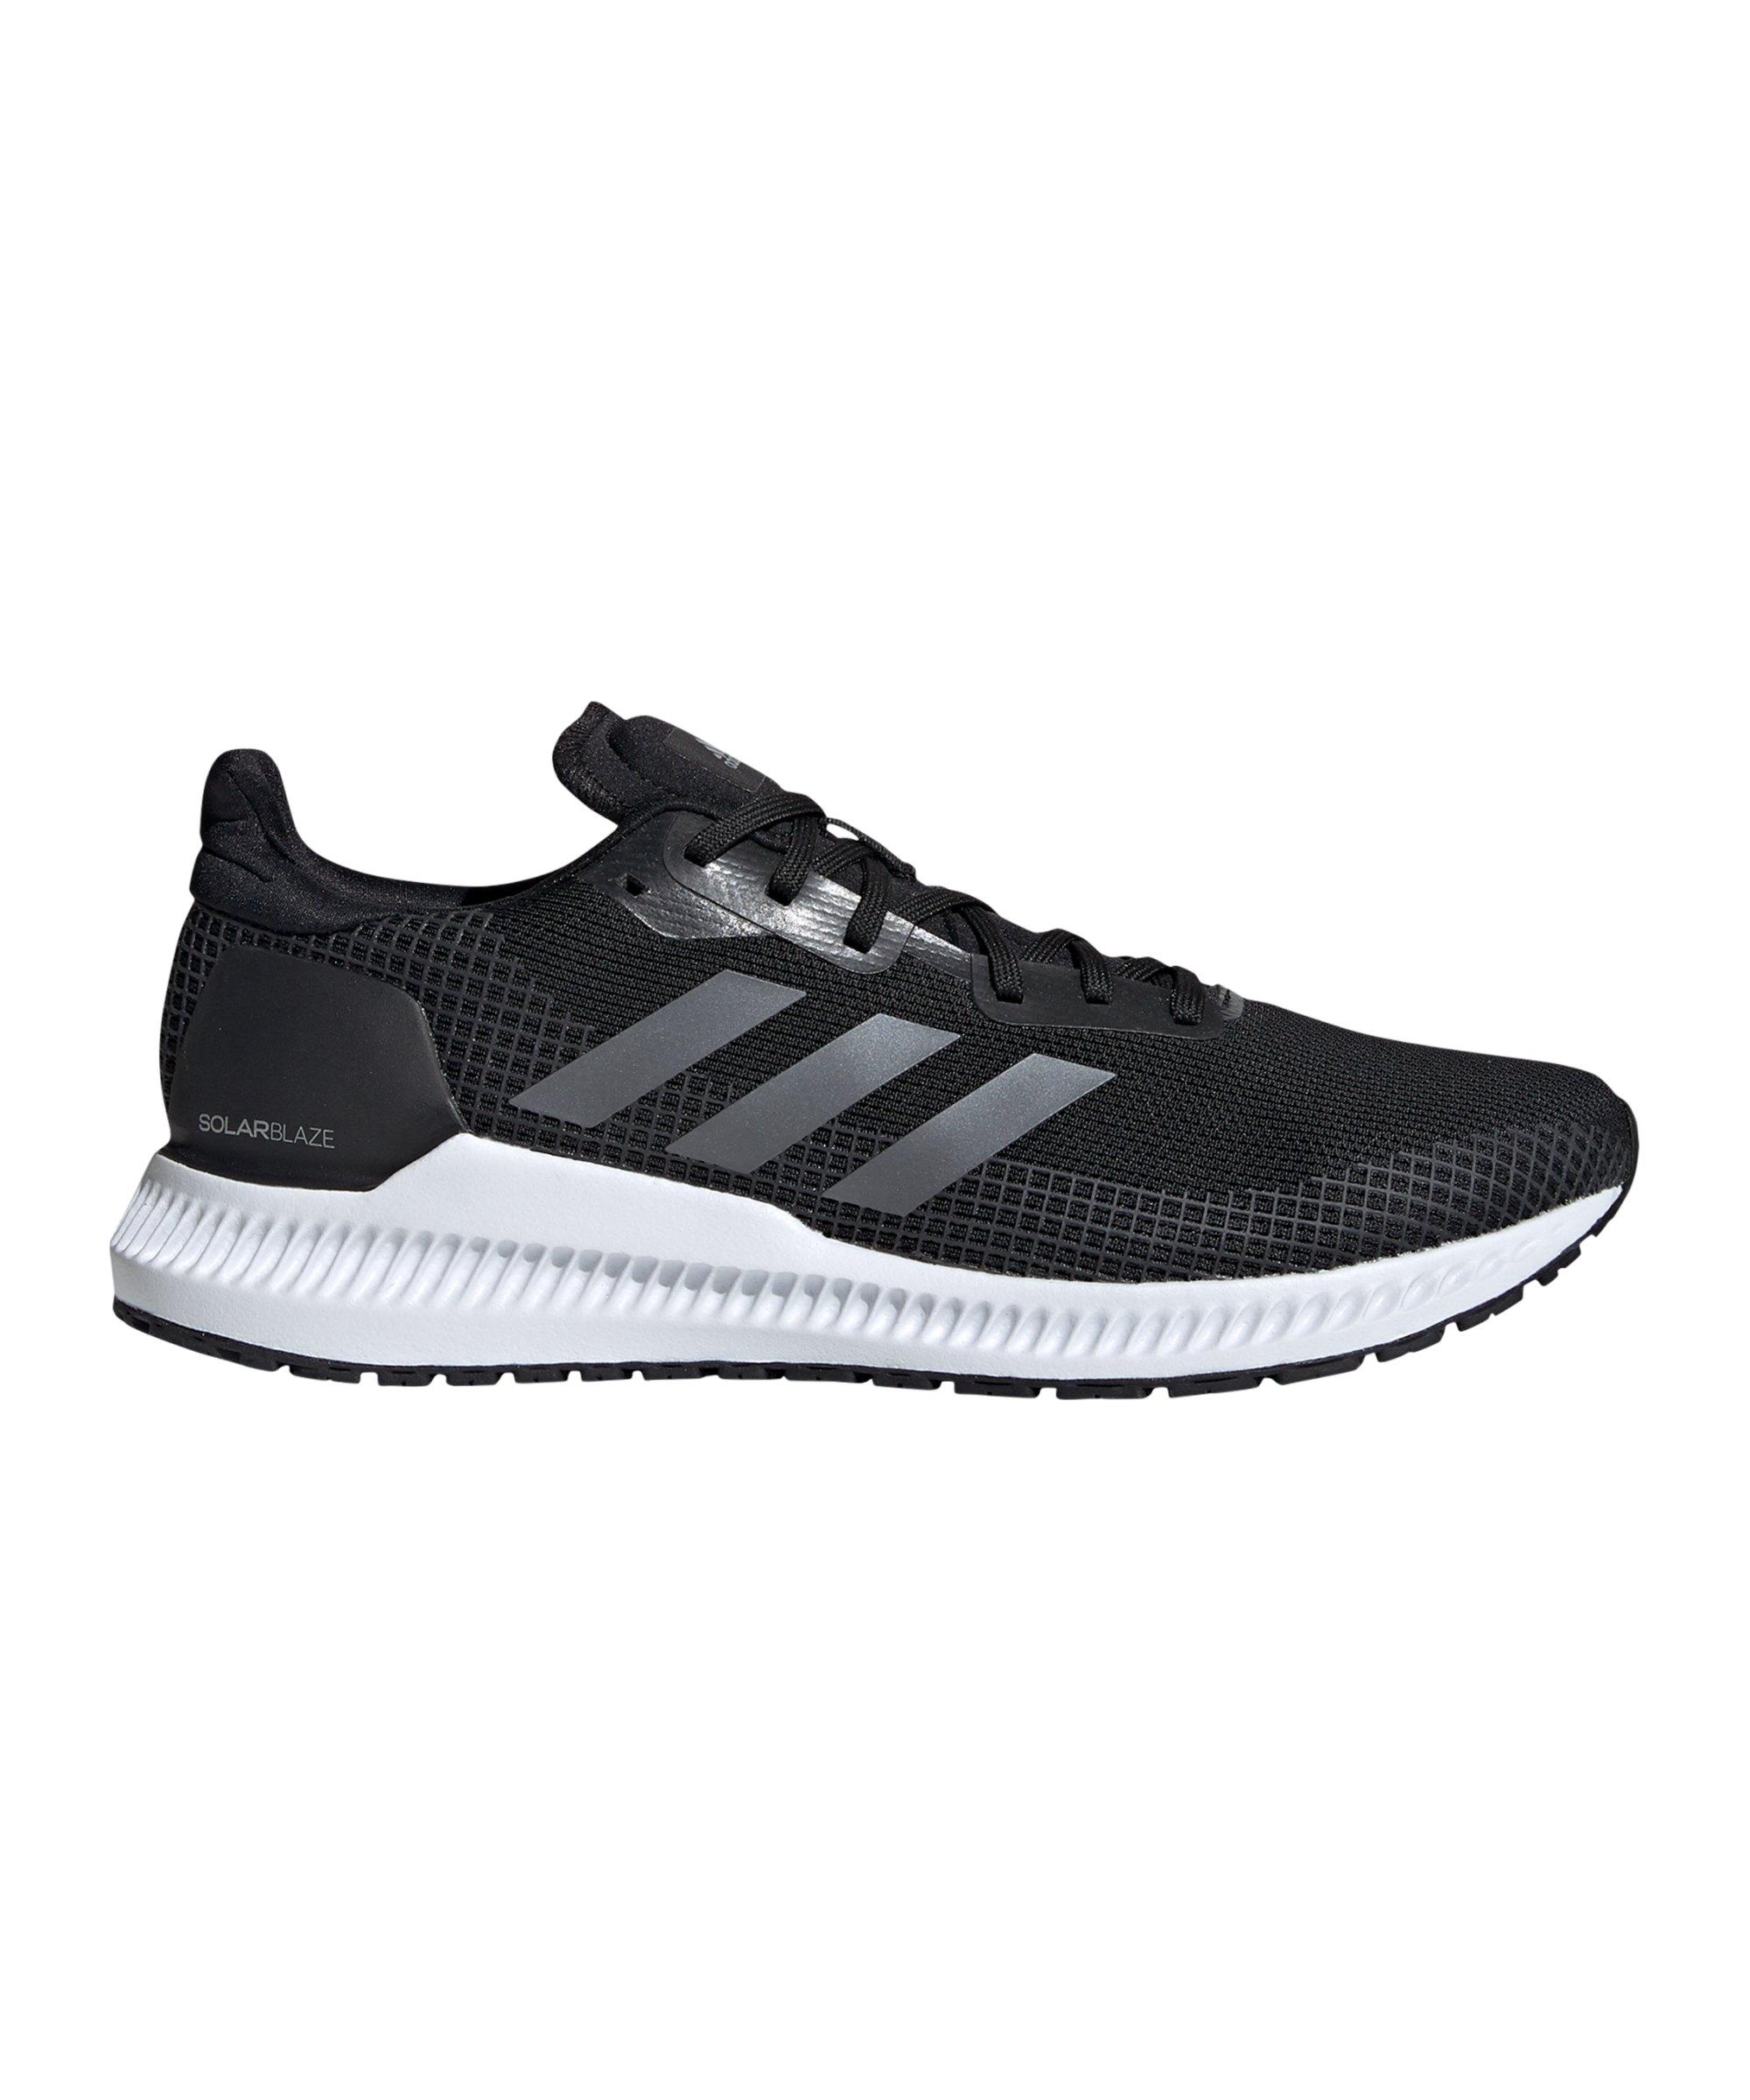 adidas Solar Blaze Running Schwarz Weiss - schwarz